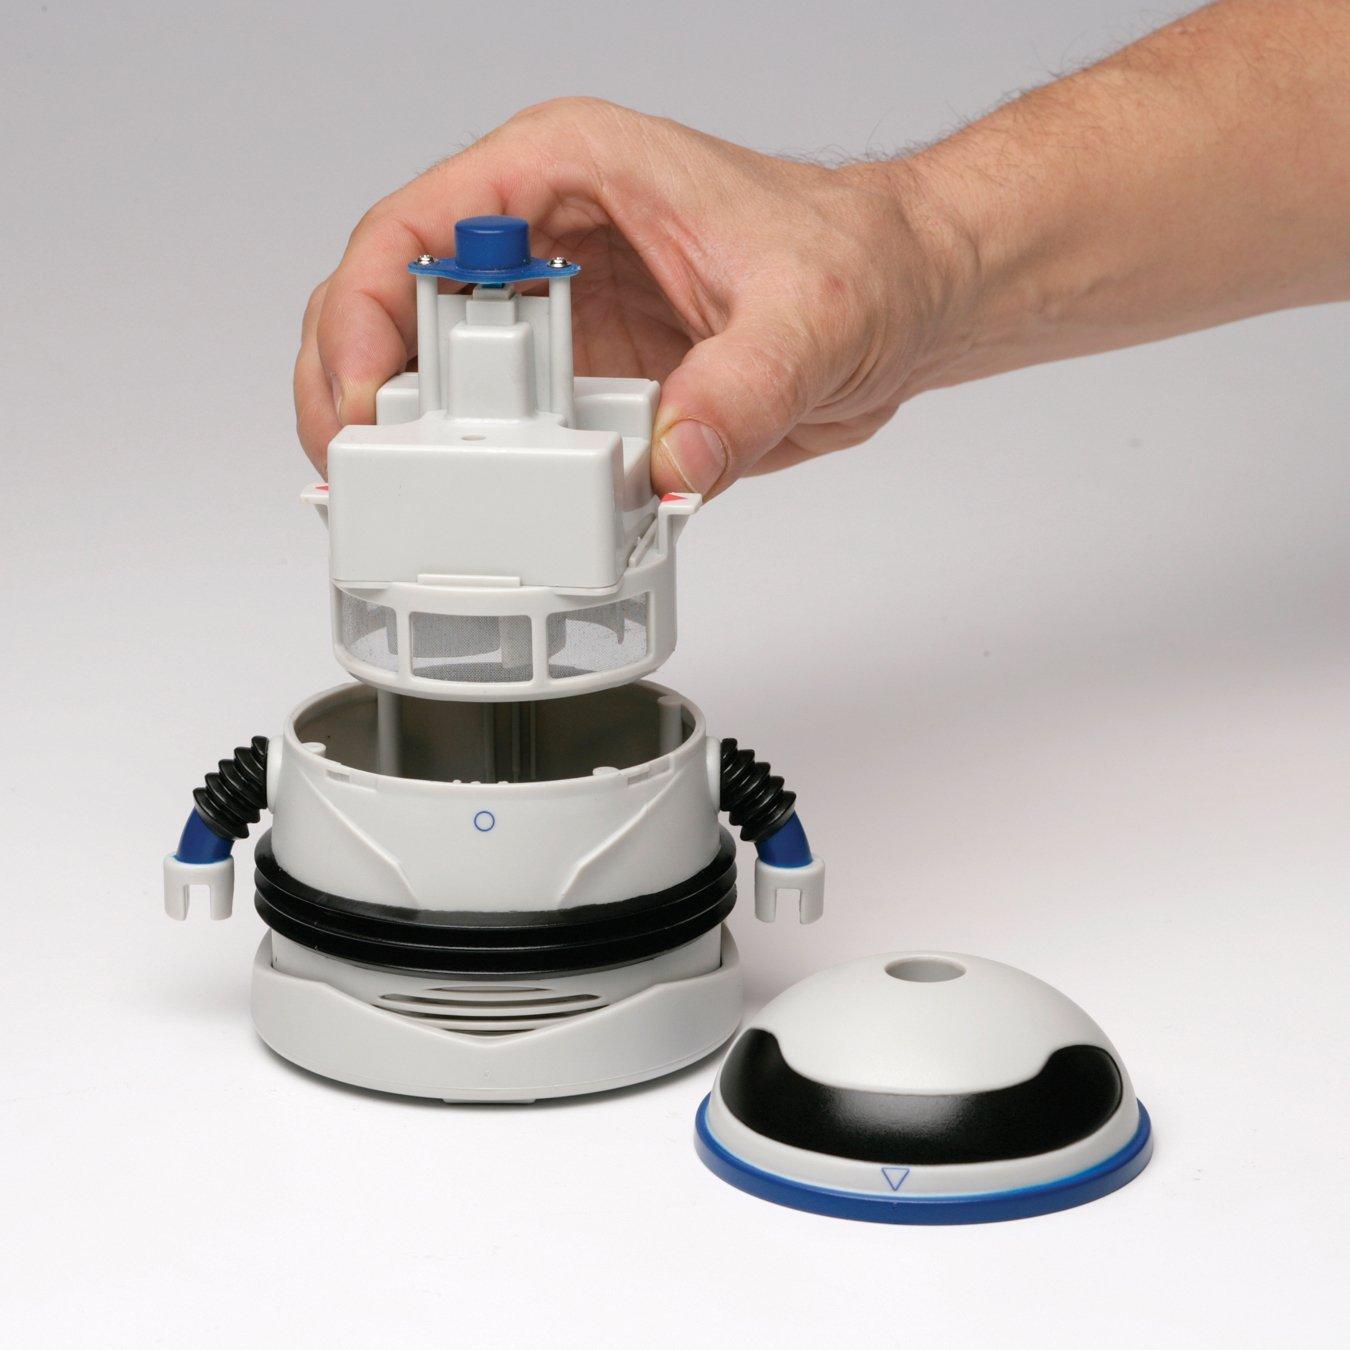 The Robot Vacuum ...